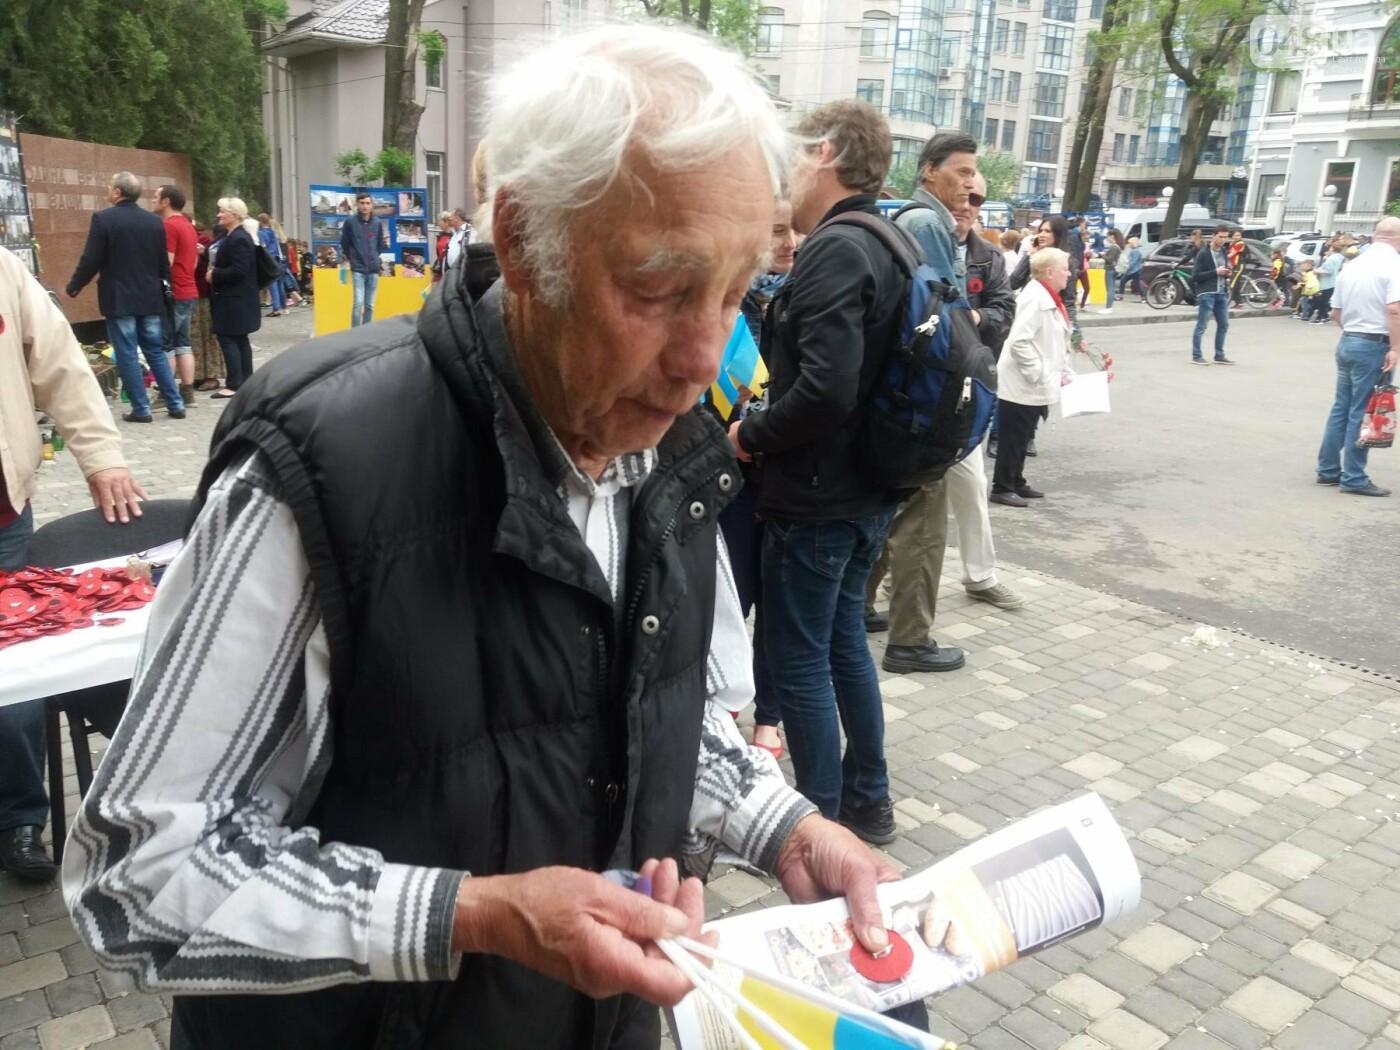 9 мая в Одессе: хронология событий и итоги, - ФОТО, ВИДЕО, фото-16